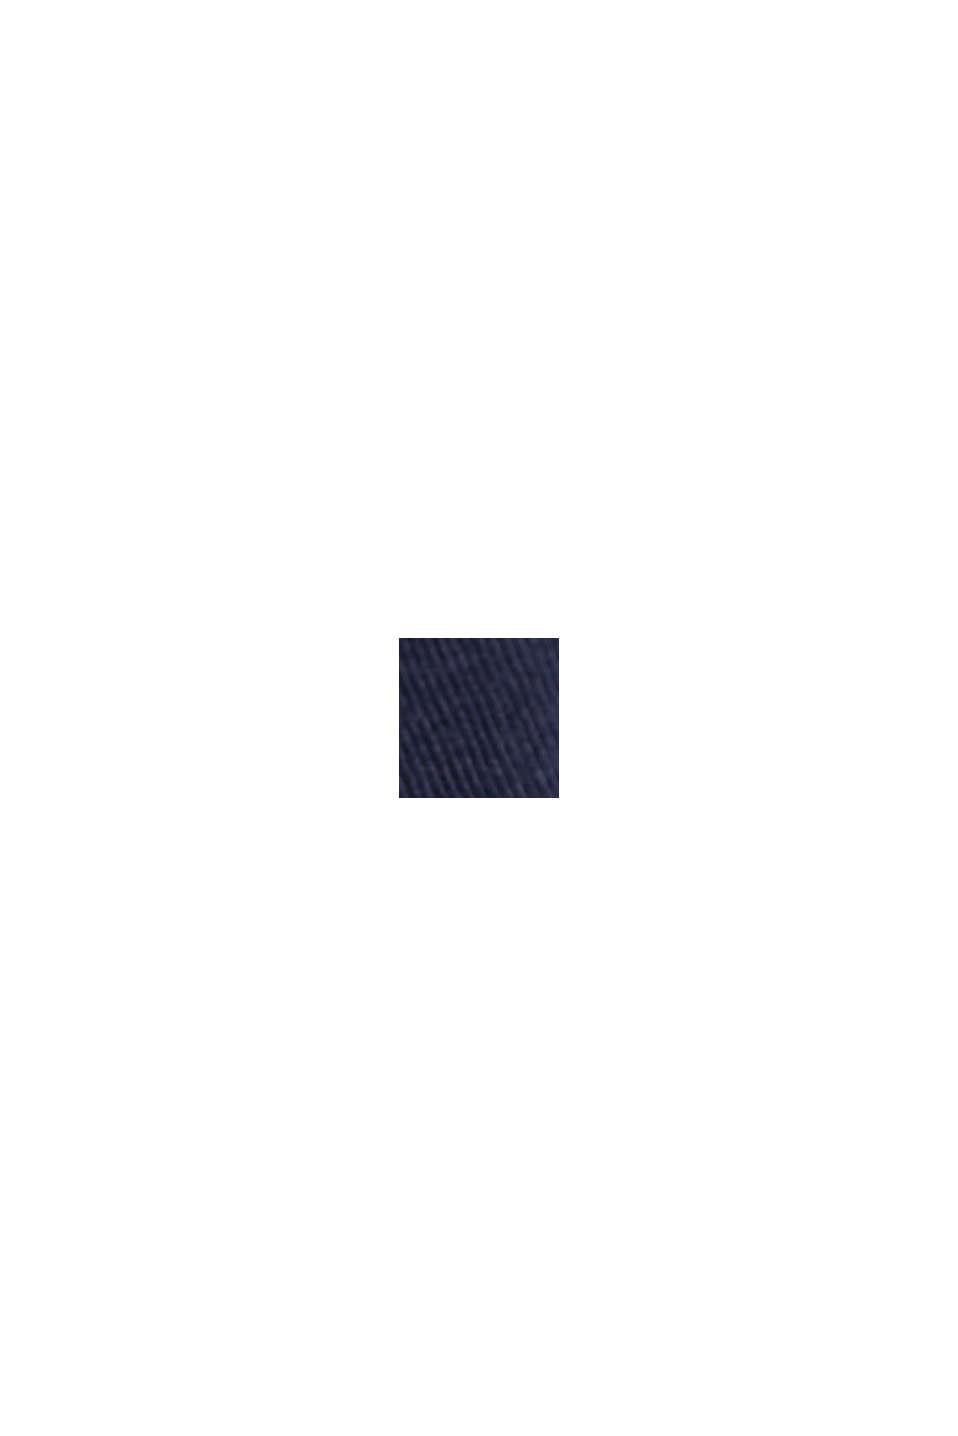 Camiseta con diseño de capas, mezcla de algodón ecológico, NAVY, swatch